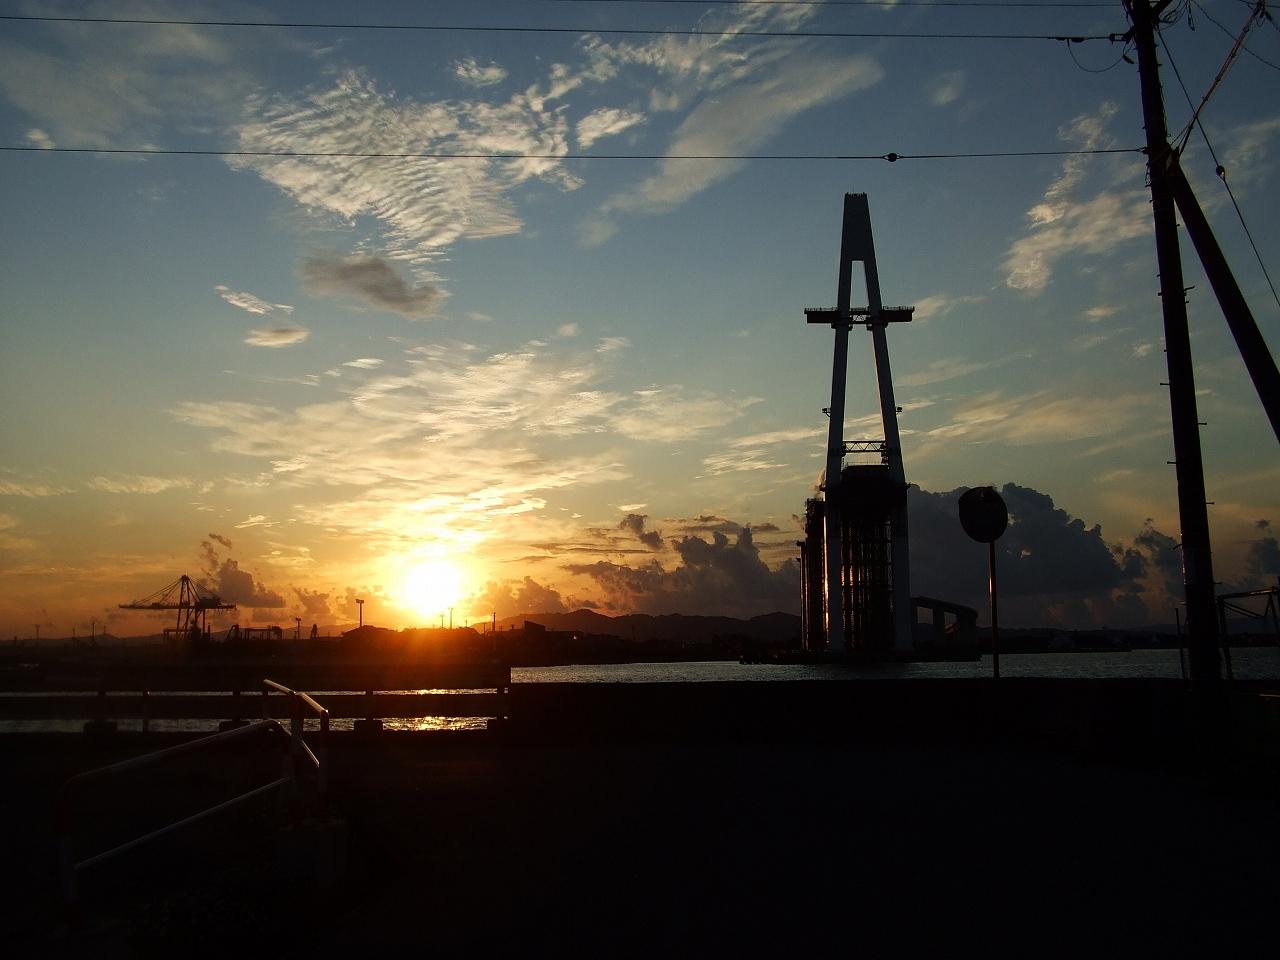 新湊大橋の画像 p1_32